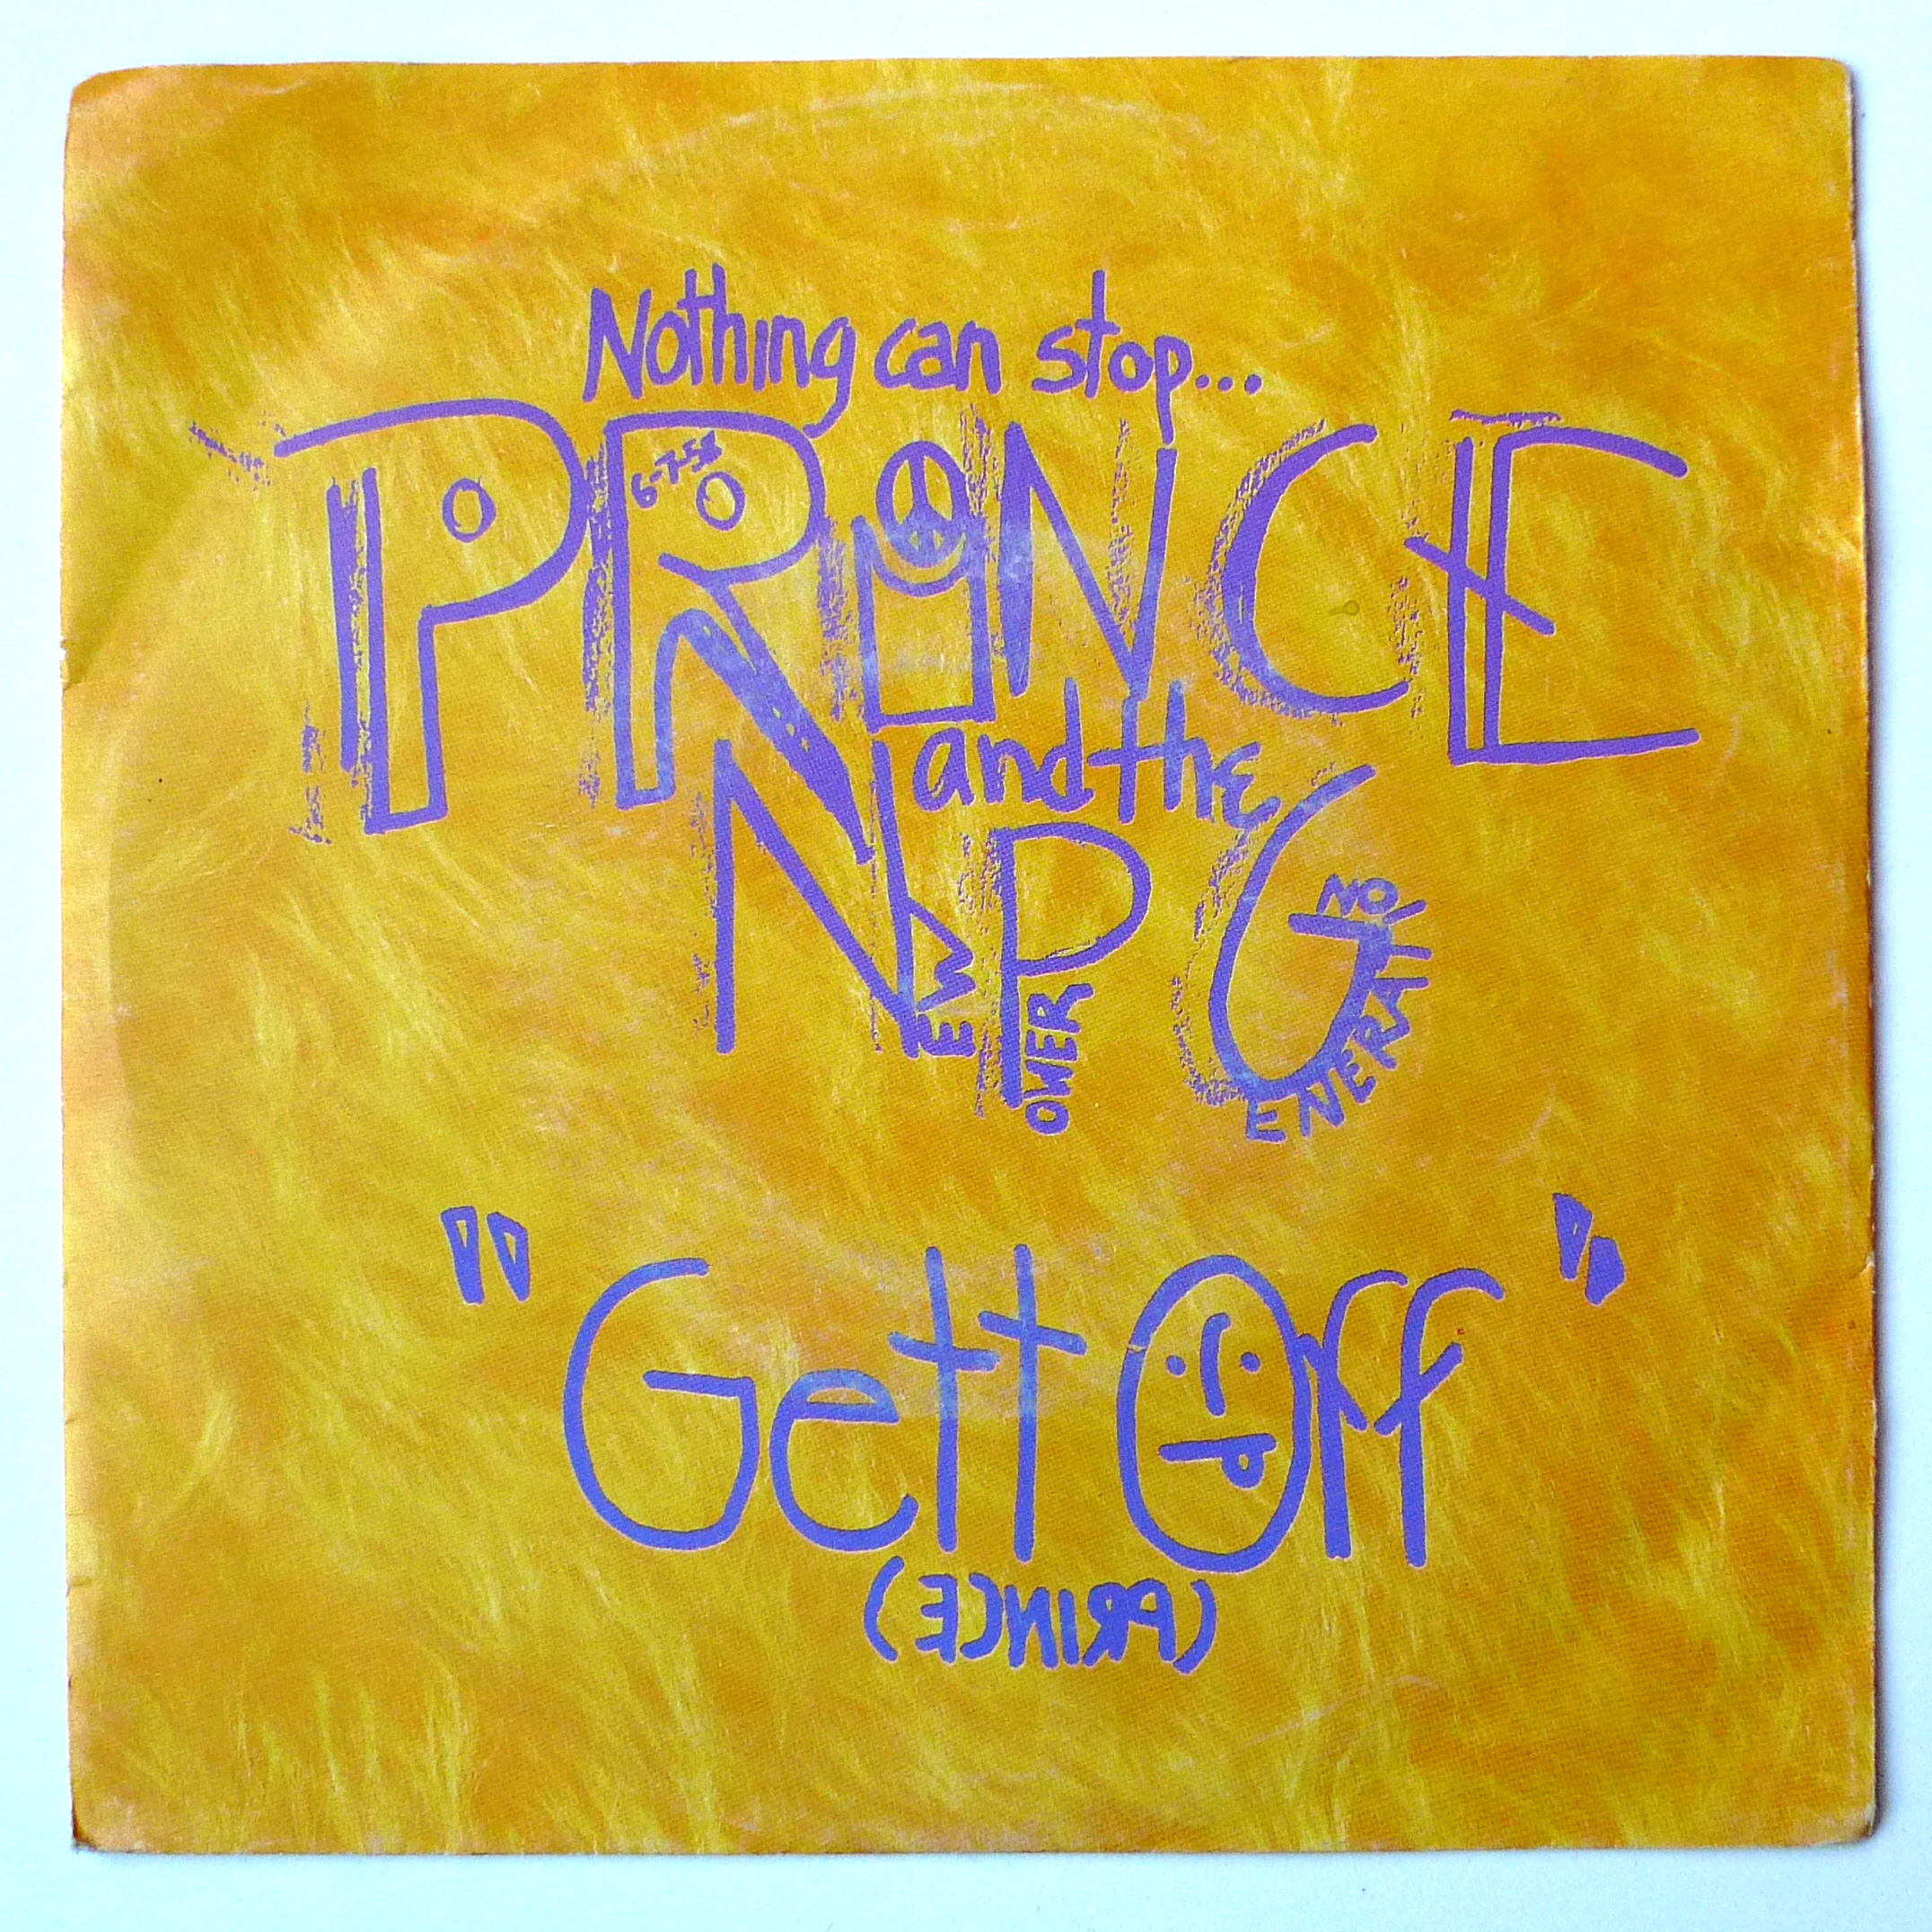 dj50s ep020 sleeve prince